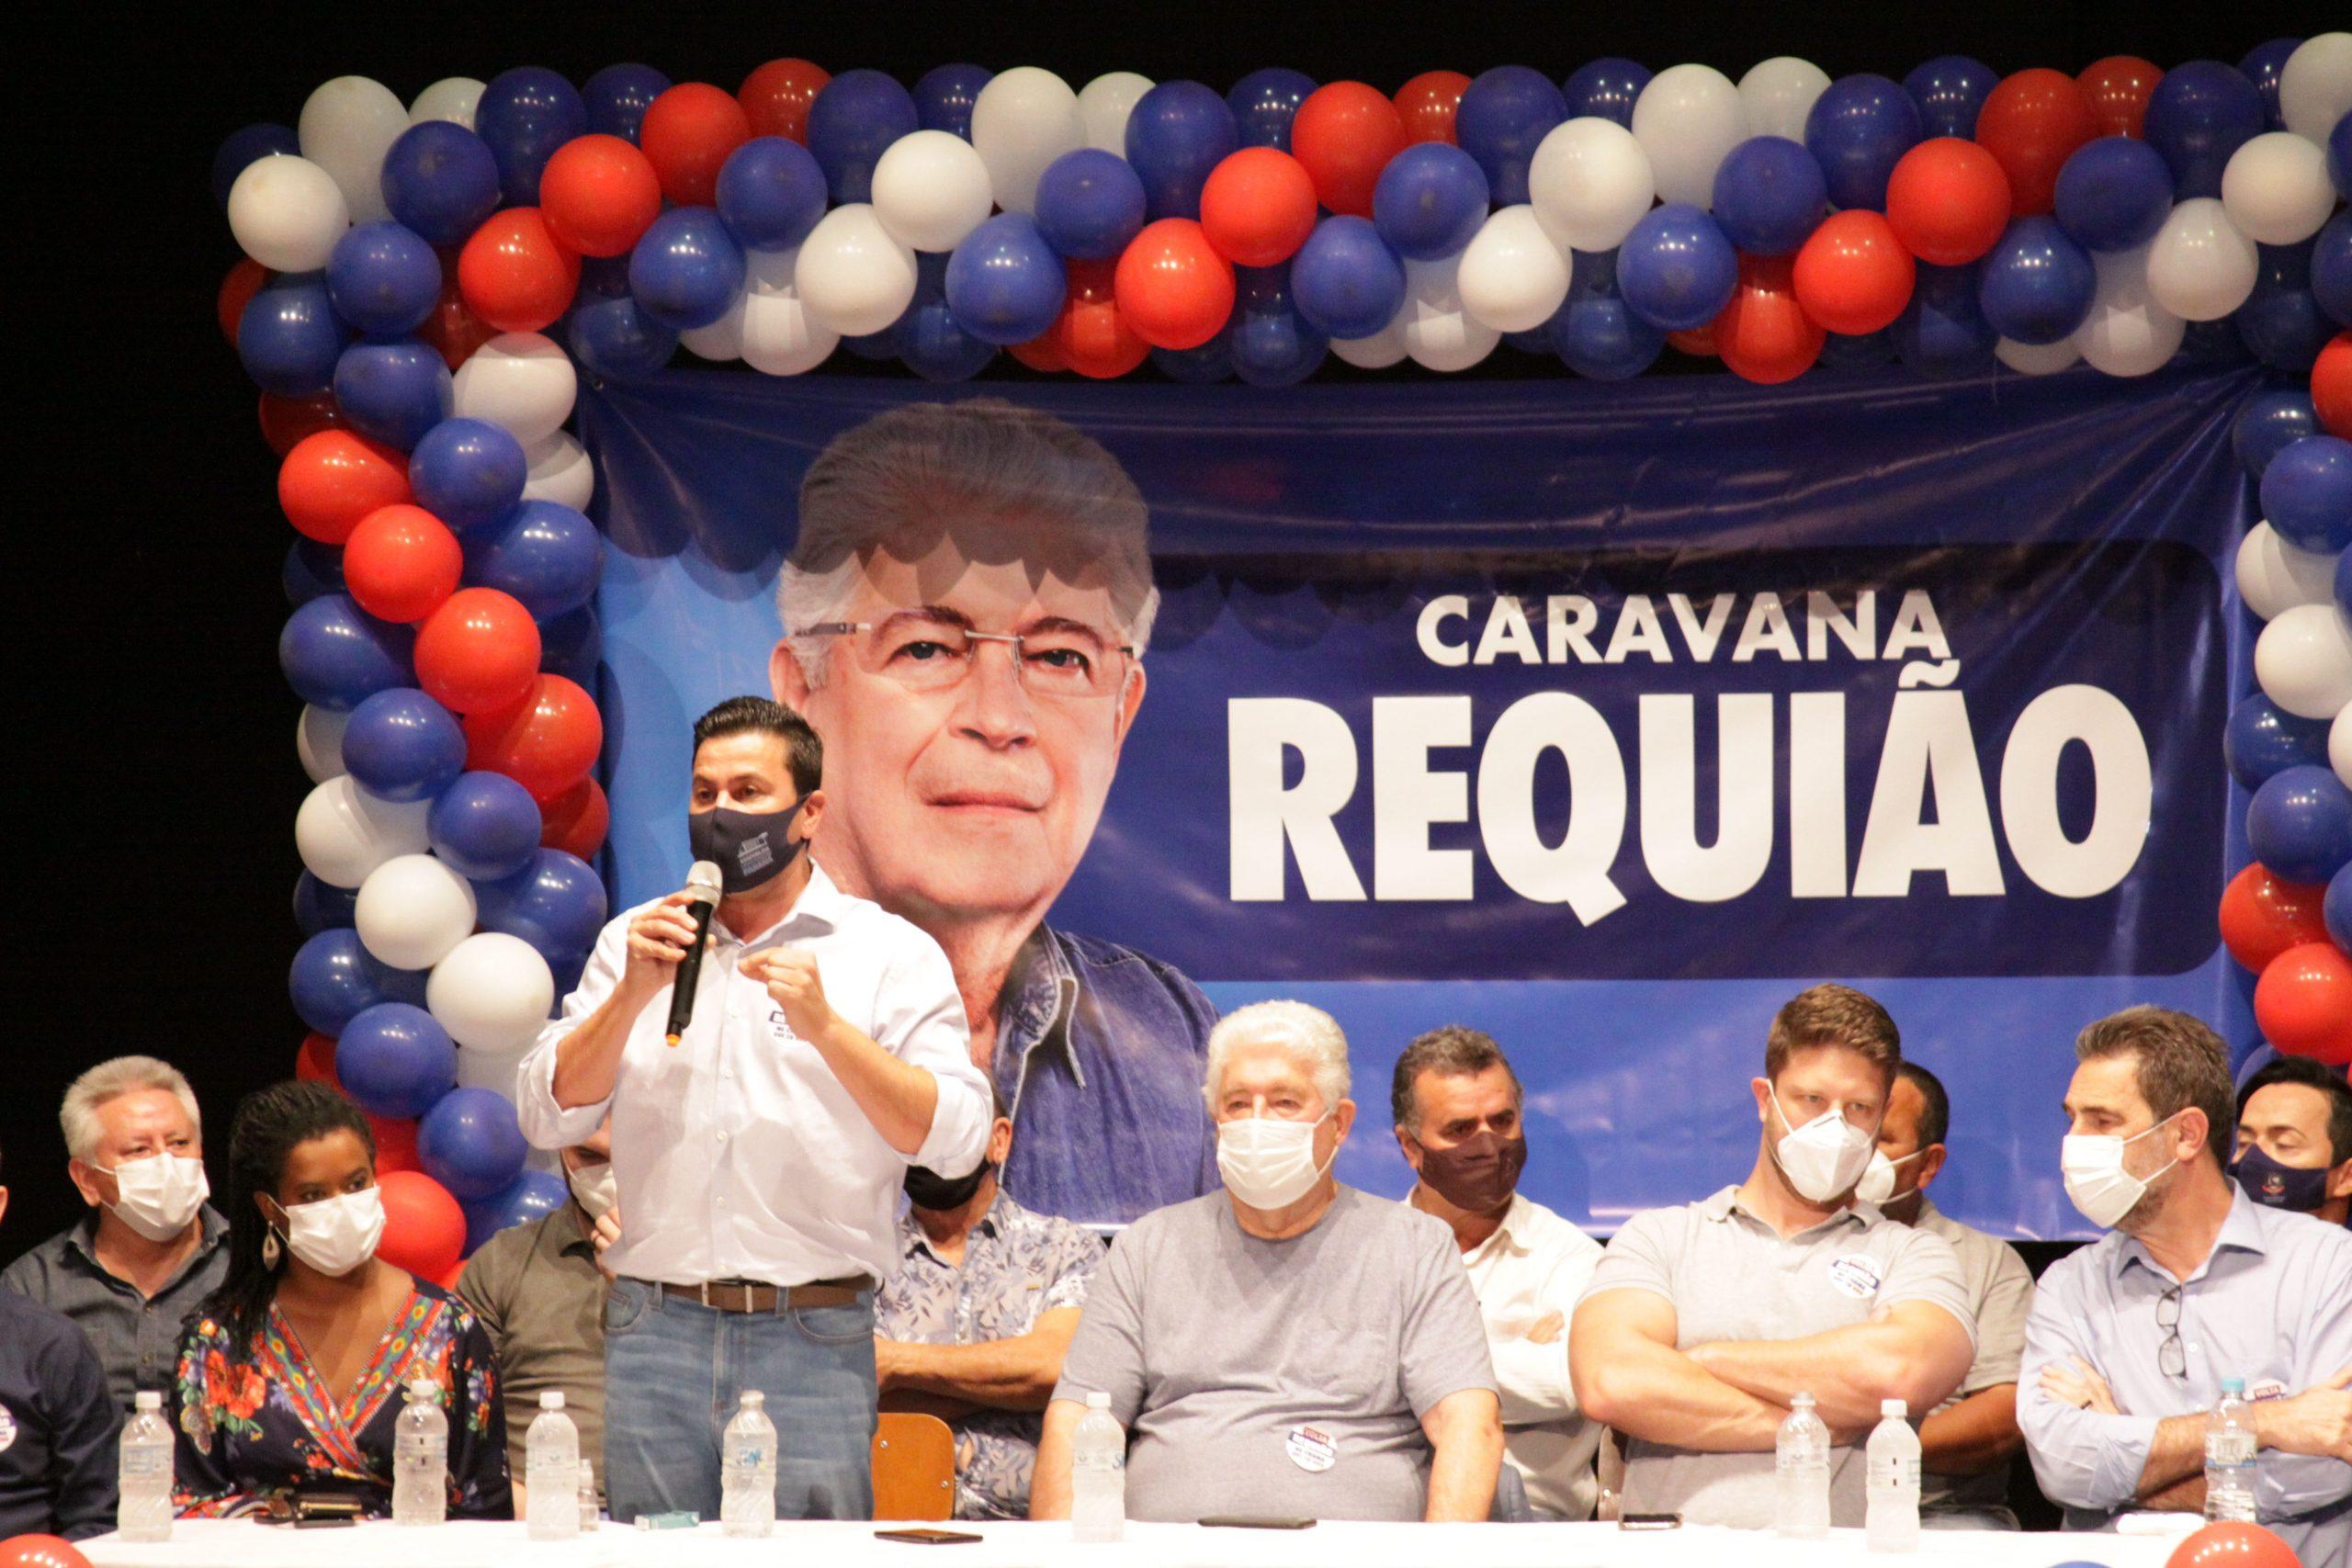 Jacaresinho - Caravan Requião promotes the political scenario in the Pioneer North